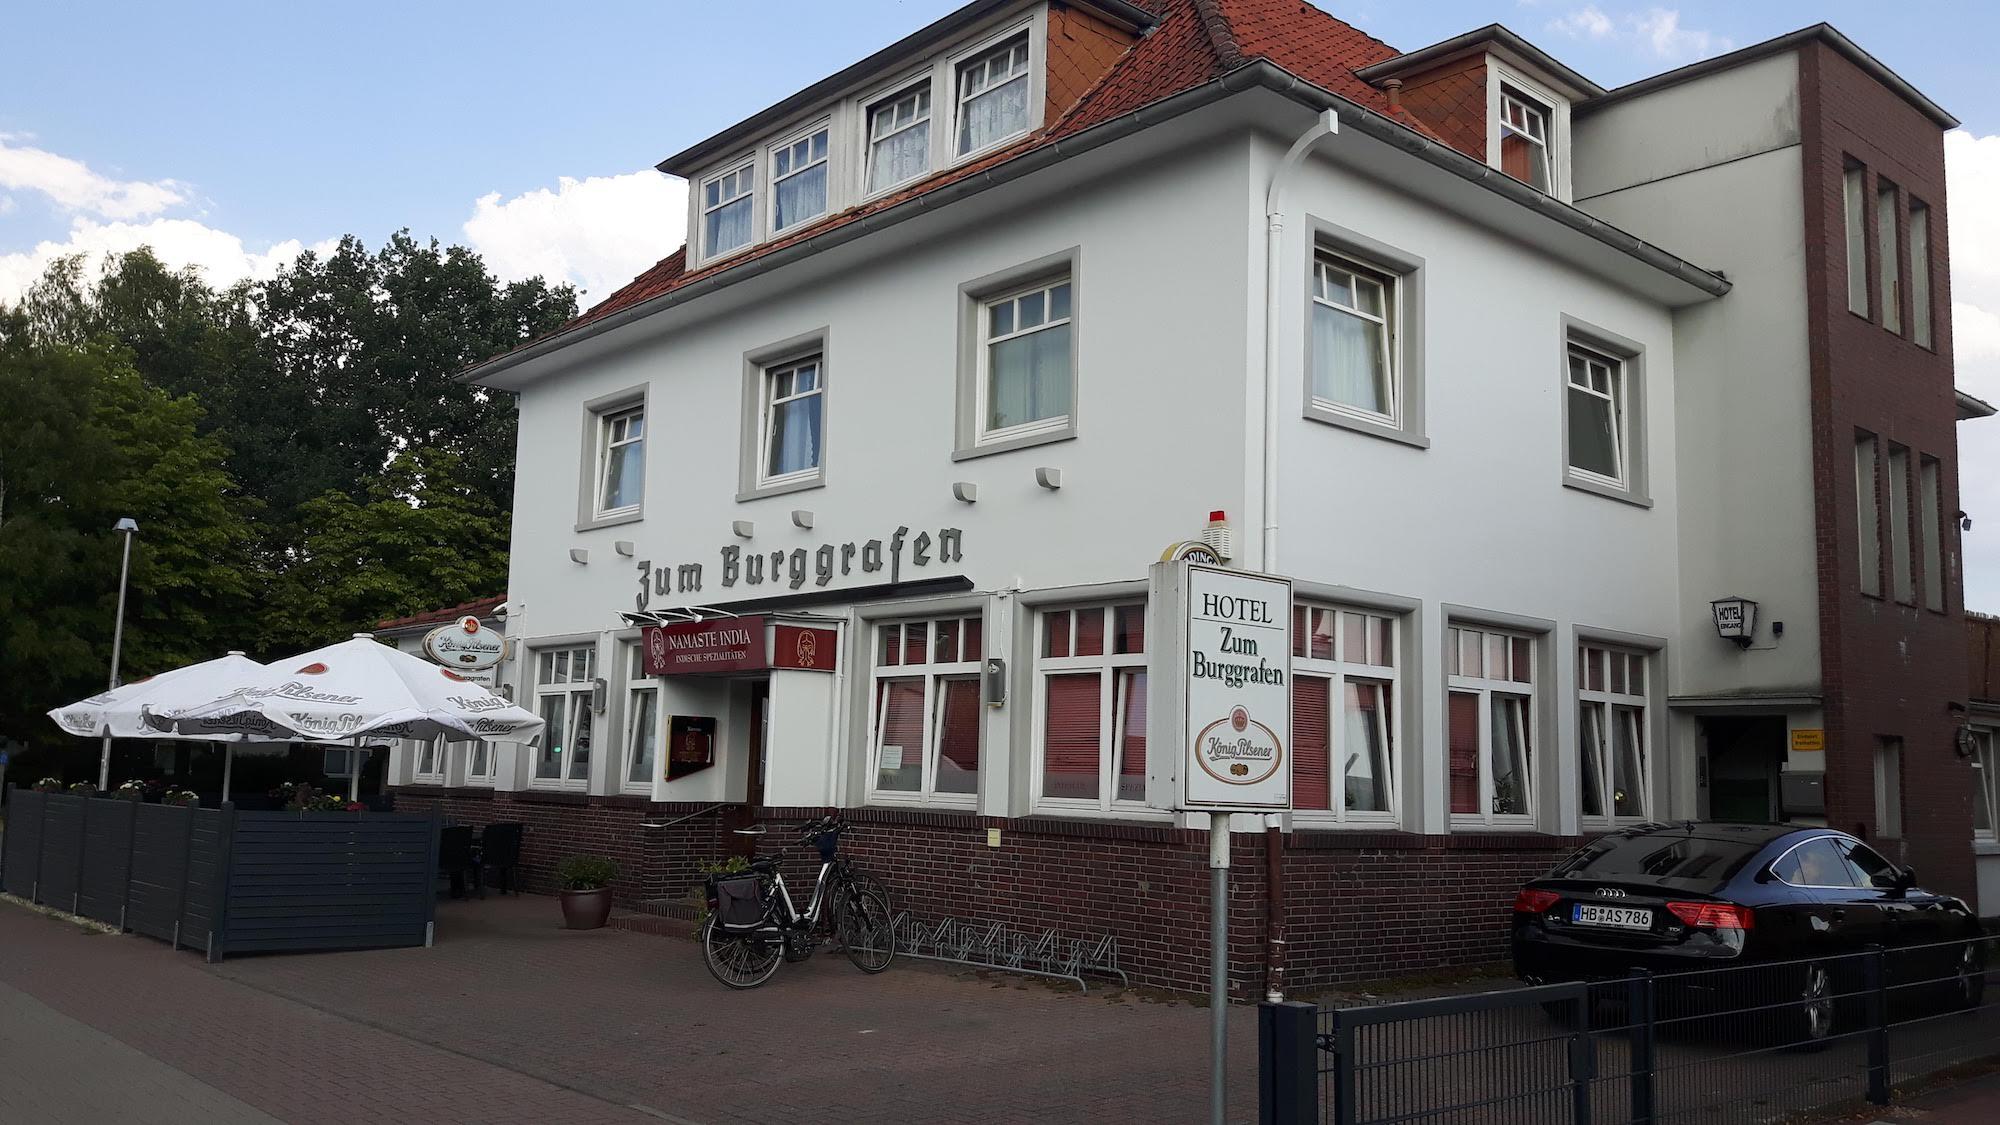 Hotel Delmenhorst Germany